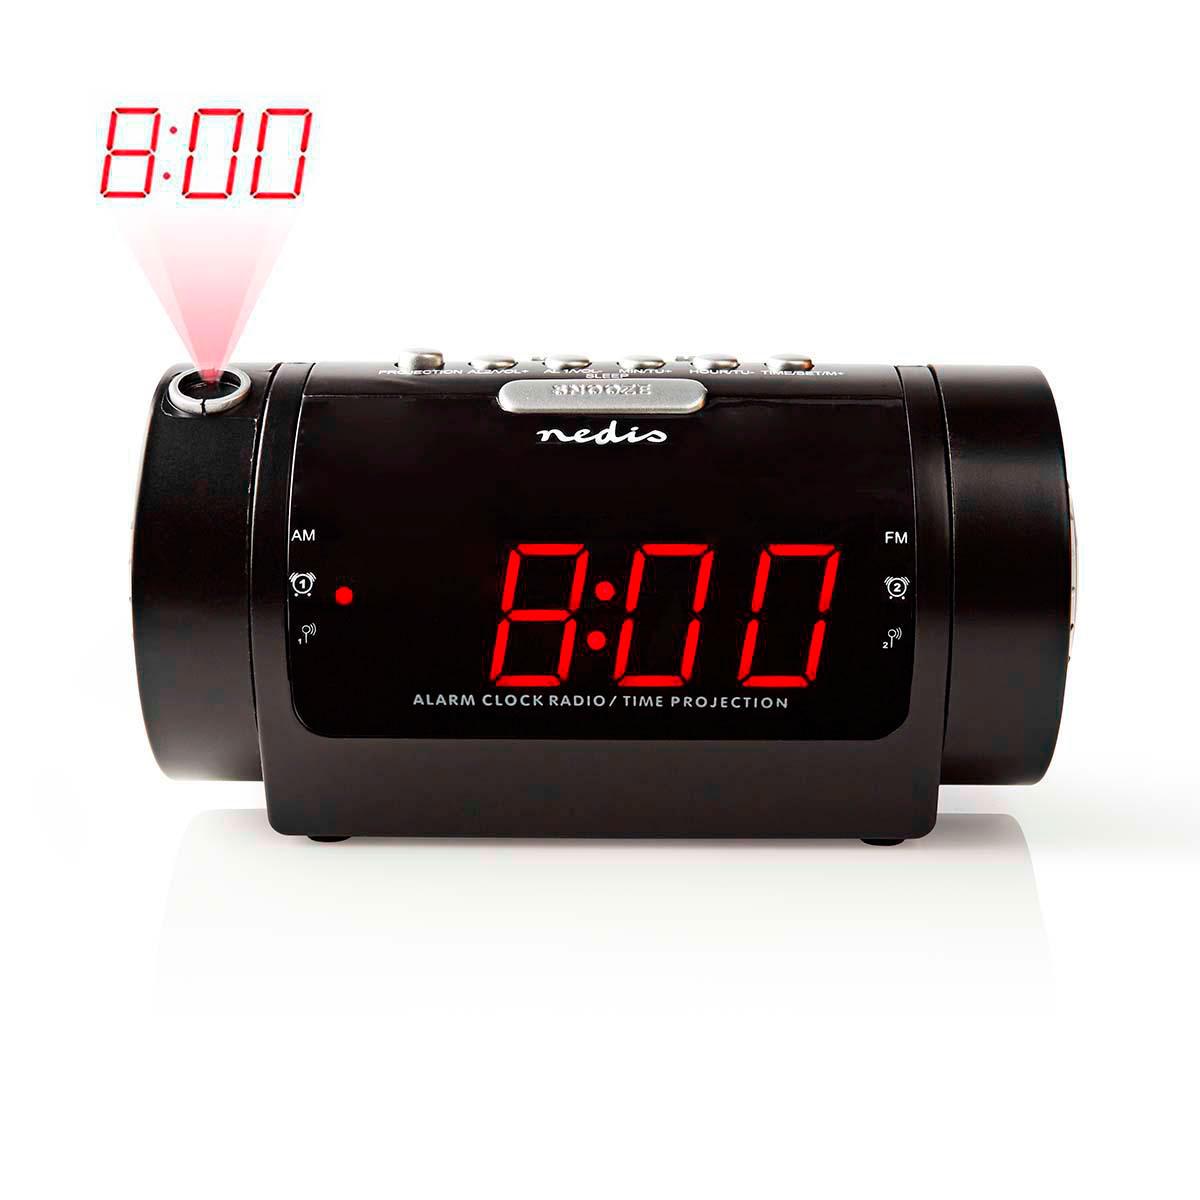 878f8cc2ca2 Ur med projektor - Find et projektionsur og se klokken på loftet